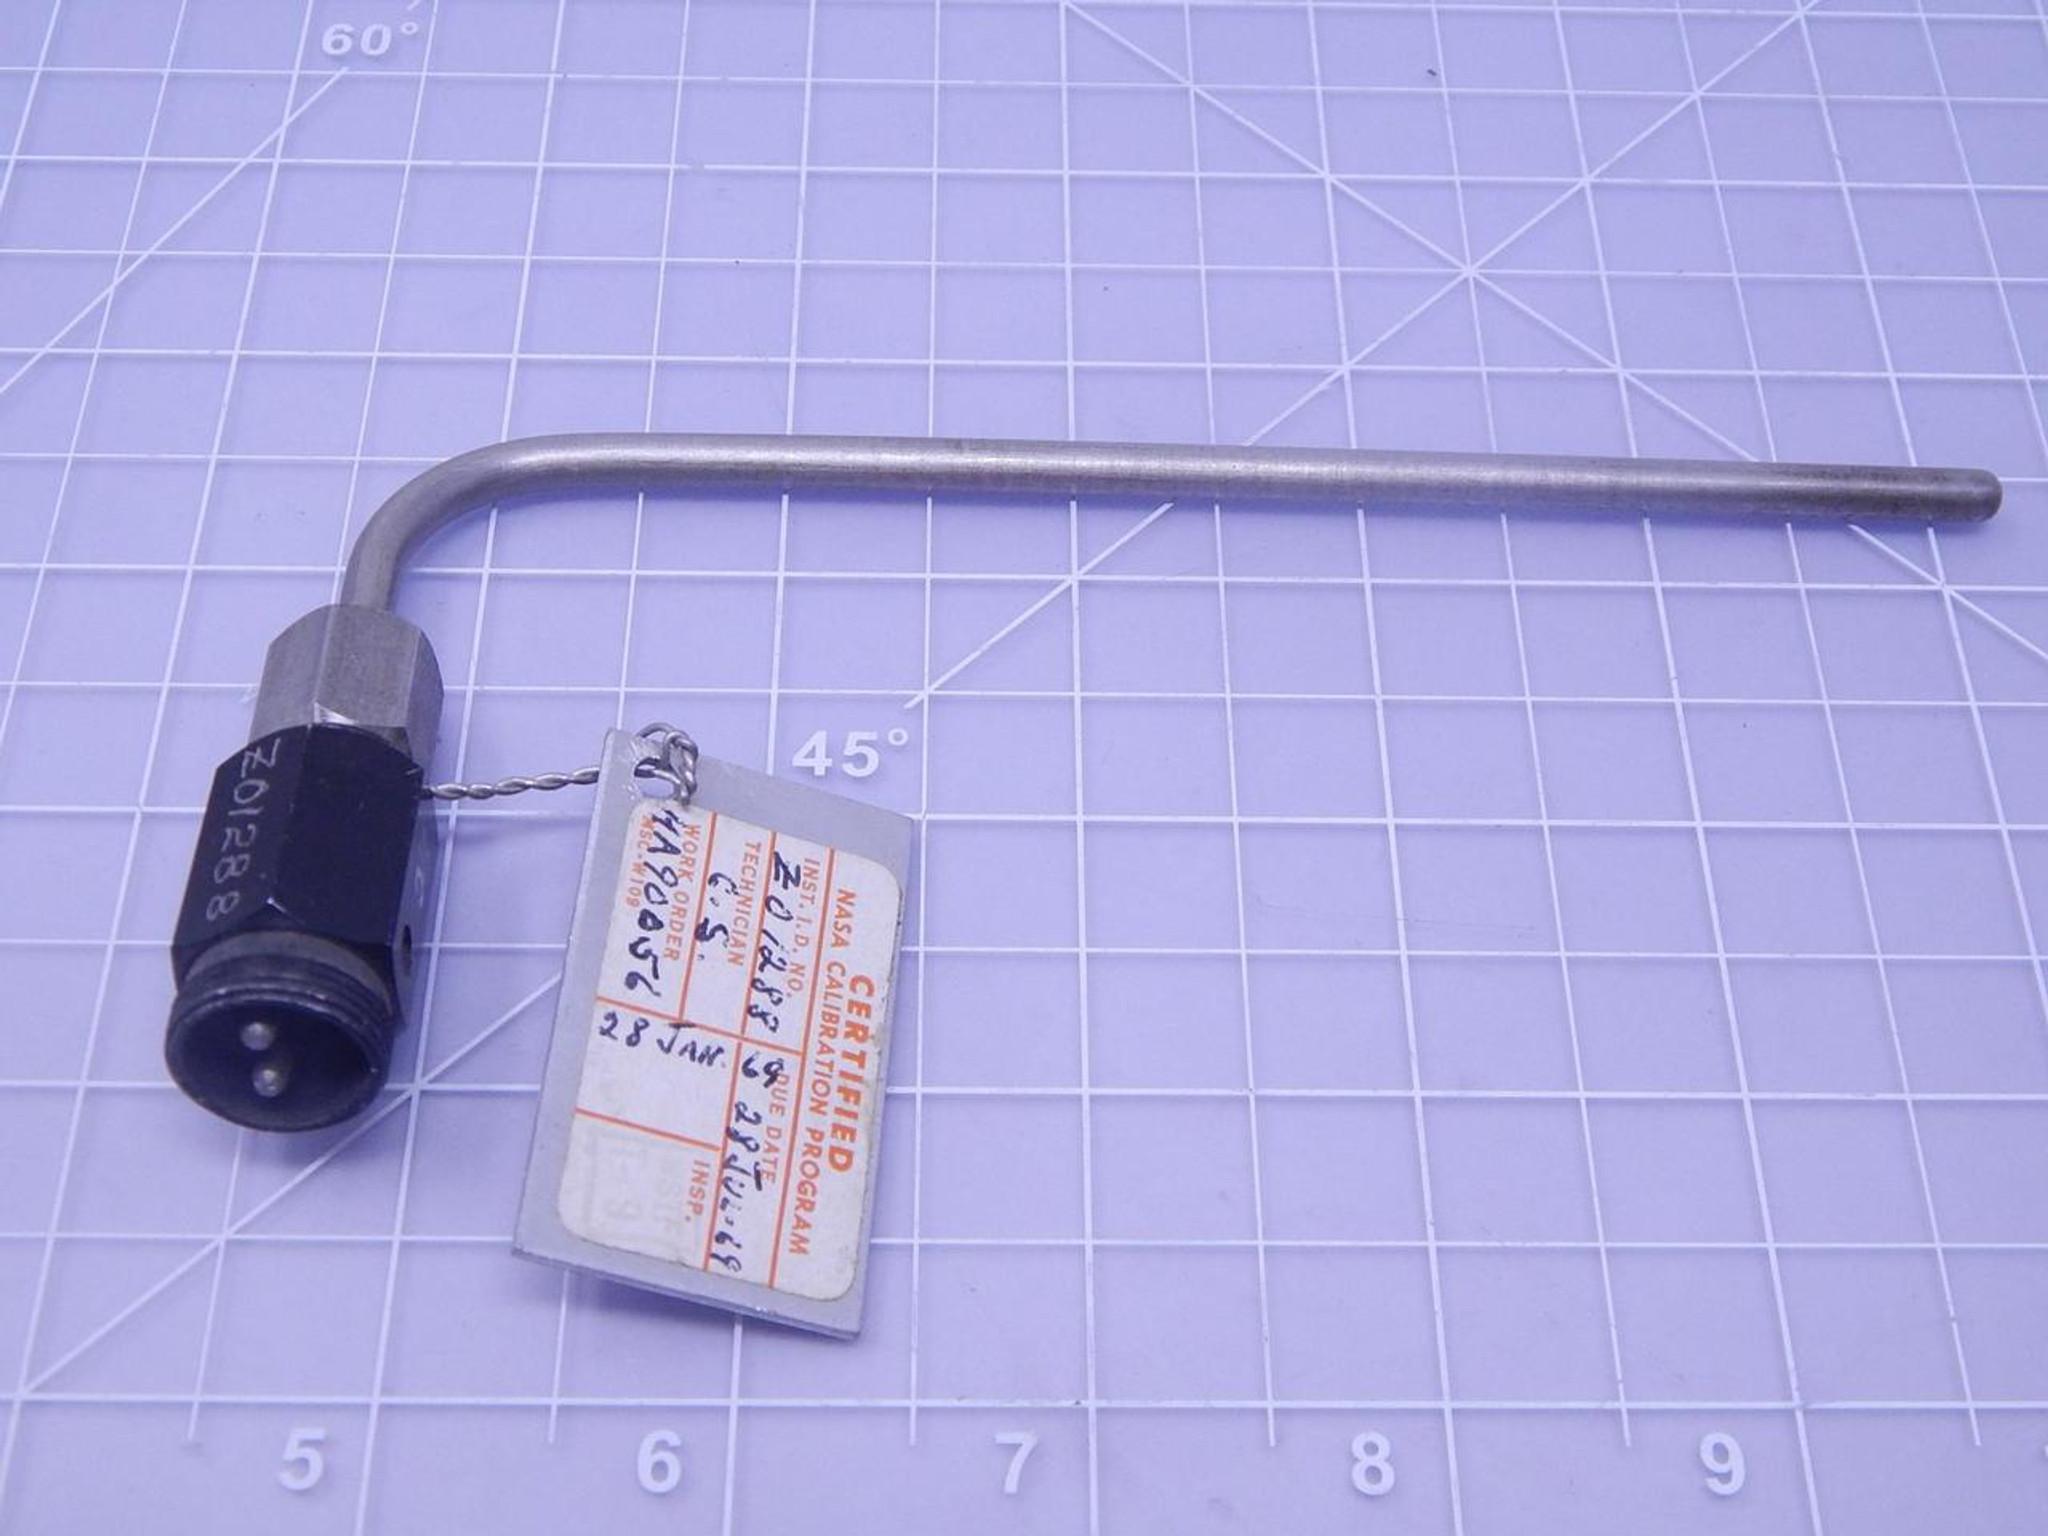 Conax Z01288 Thermocouple T111318